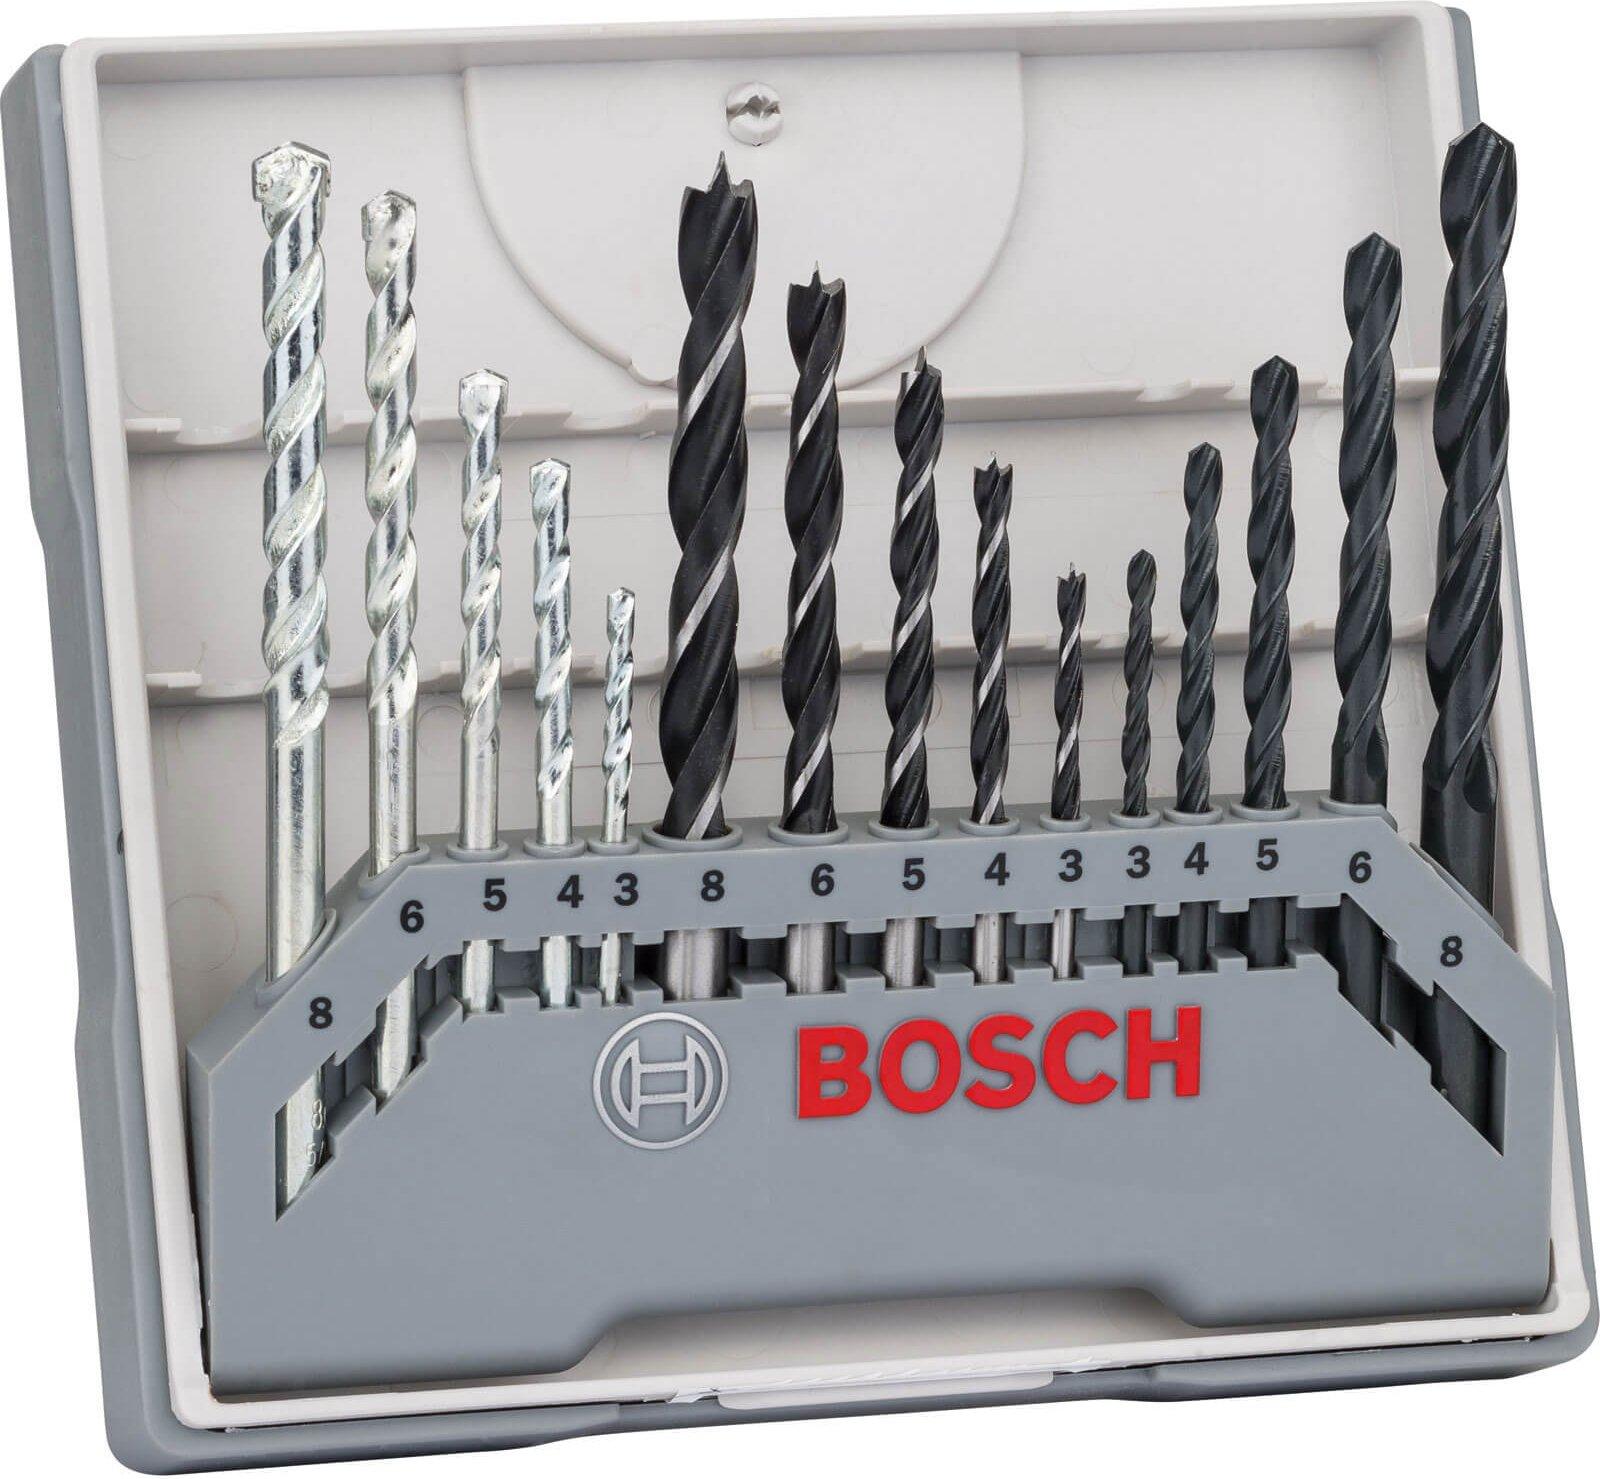 Bosch 15 Piece Mixed Drill Bit Set